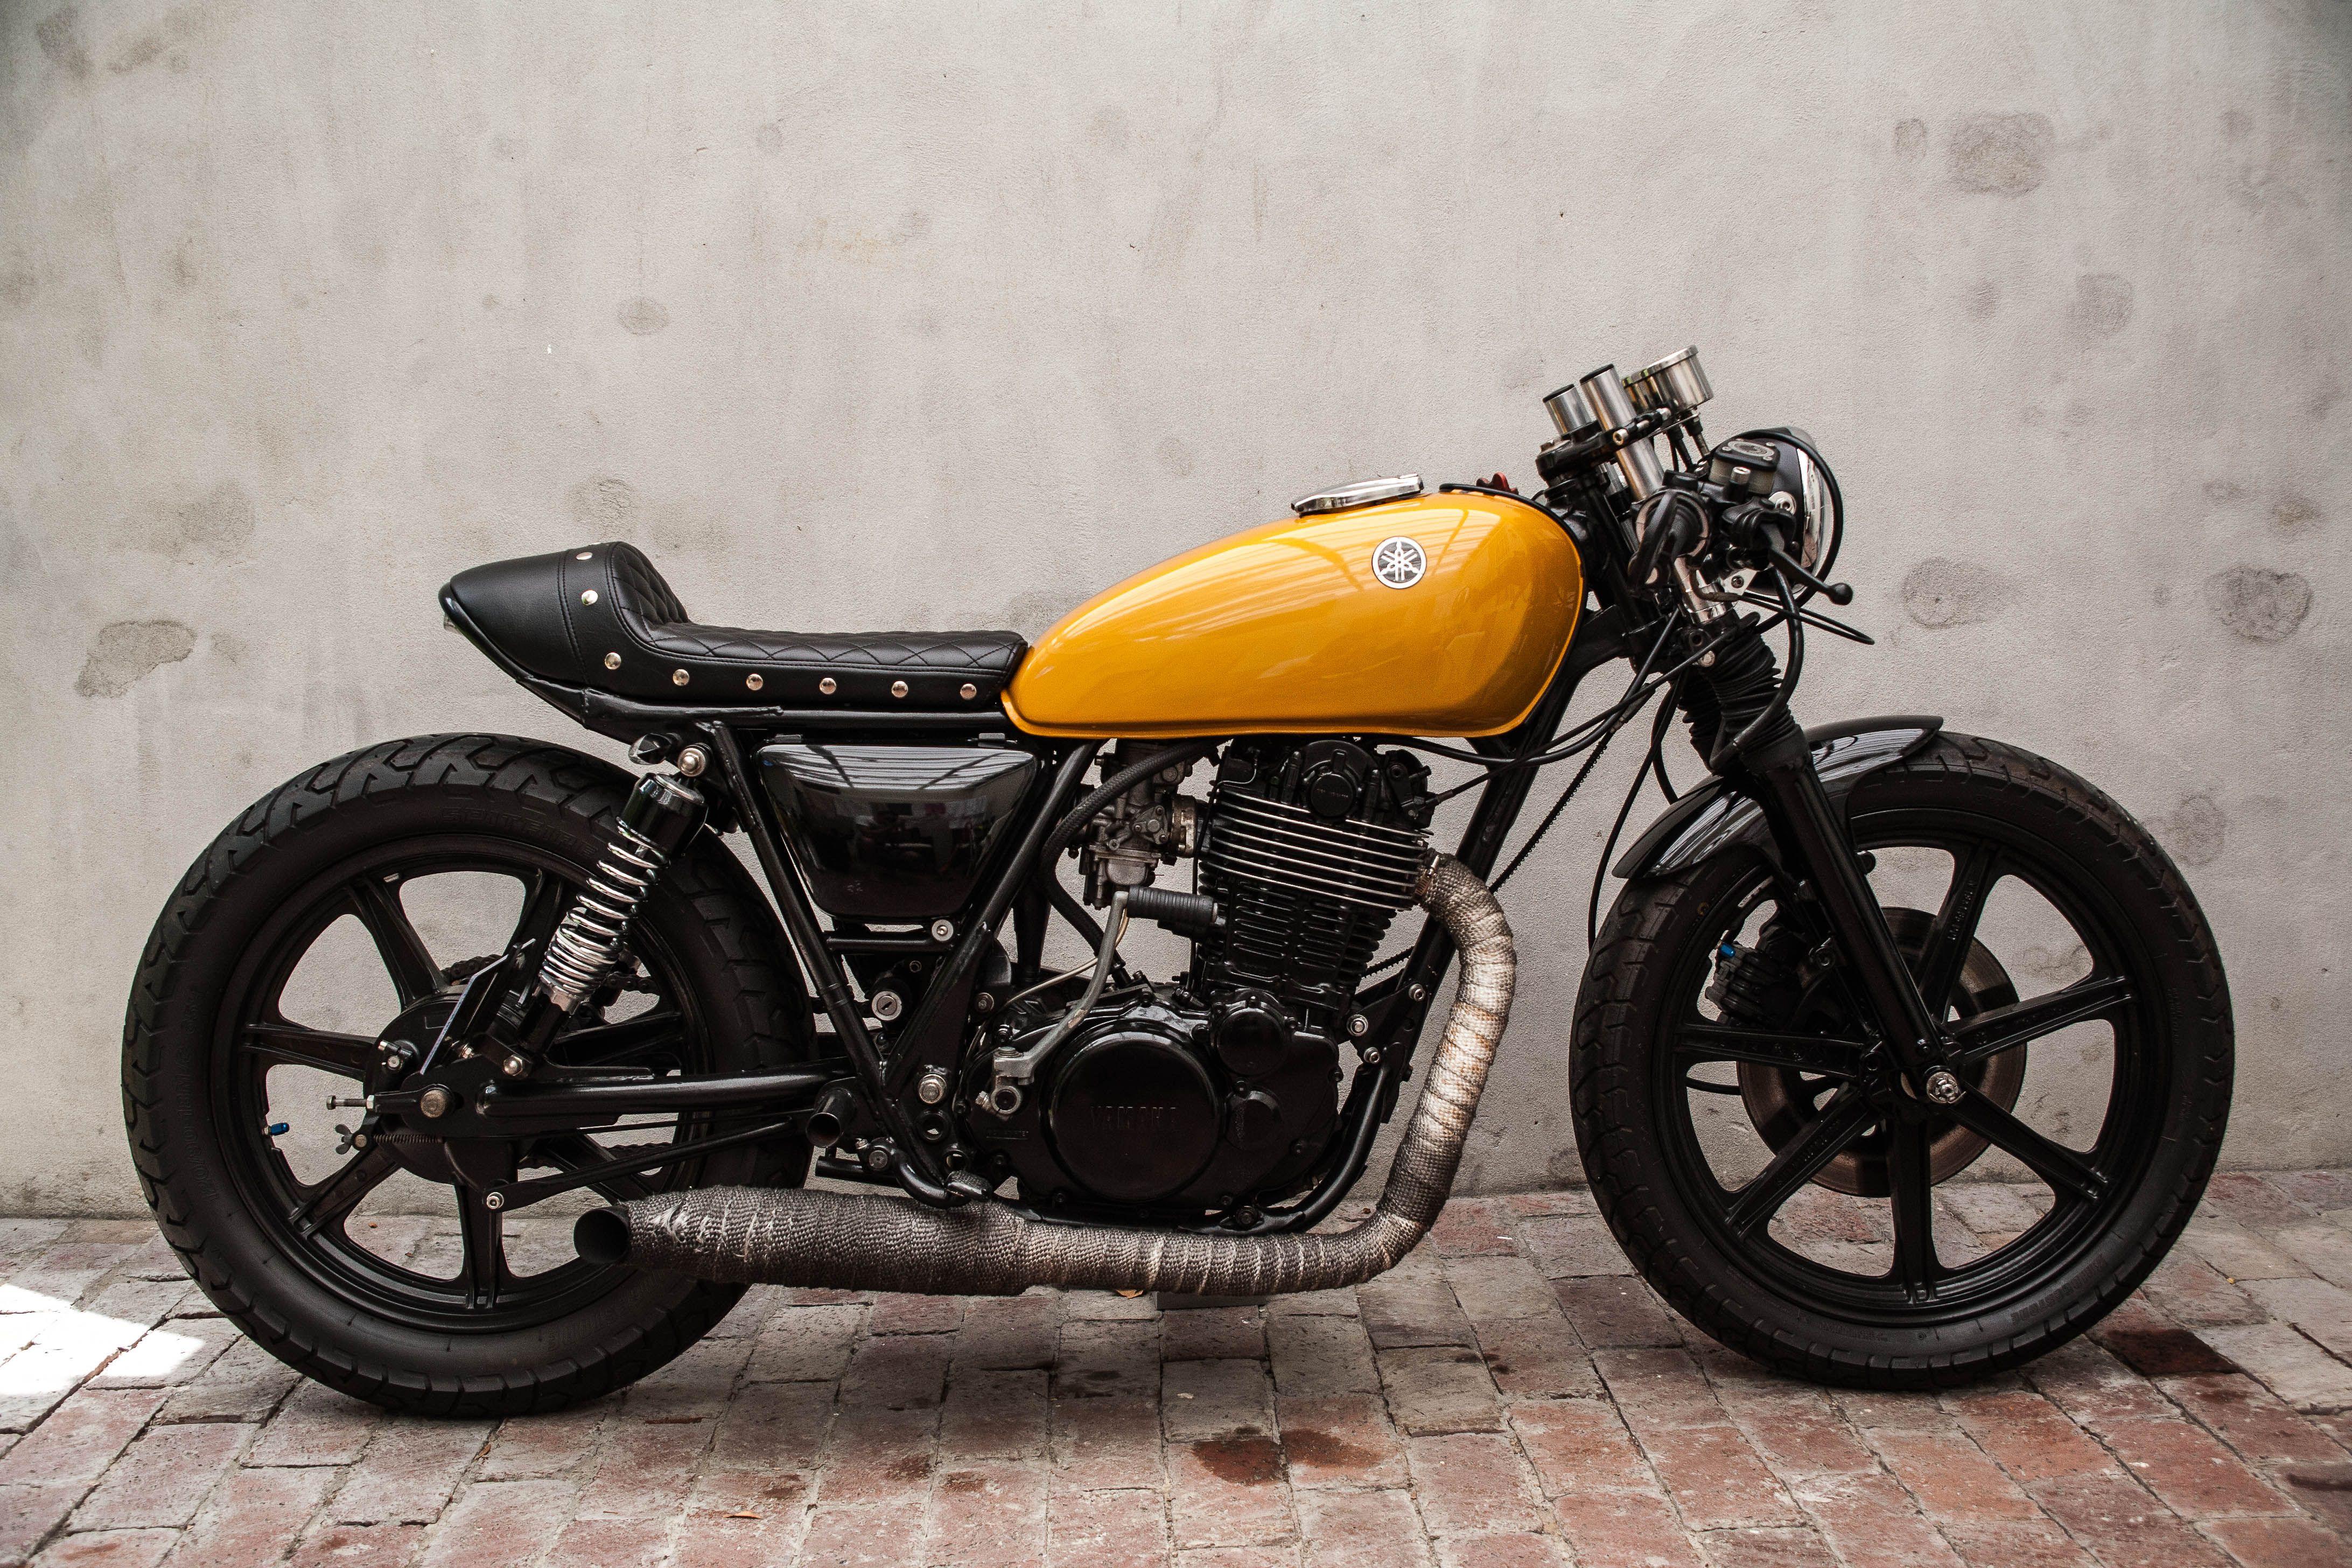 yamaha sr500 cafe' racer #yamaha #sr500 #thumper #vintage